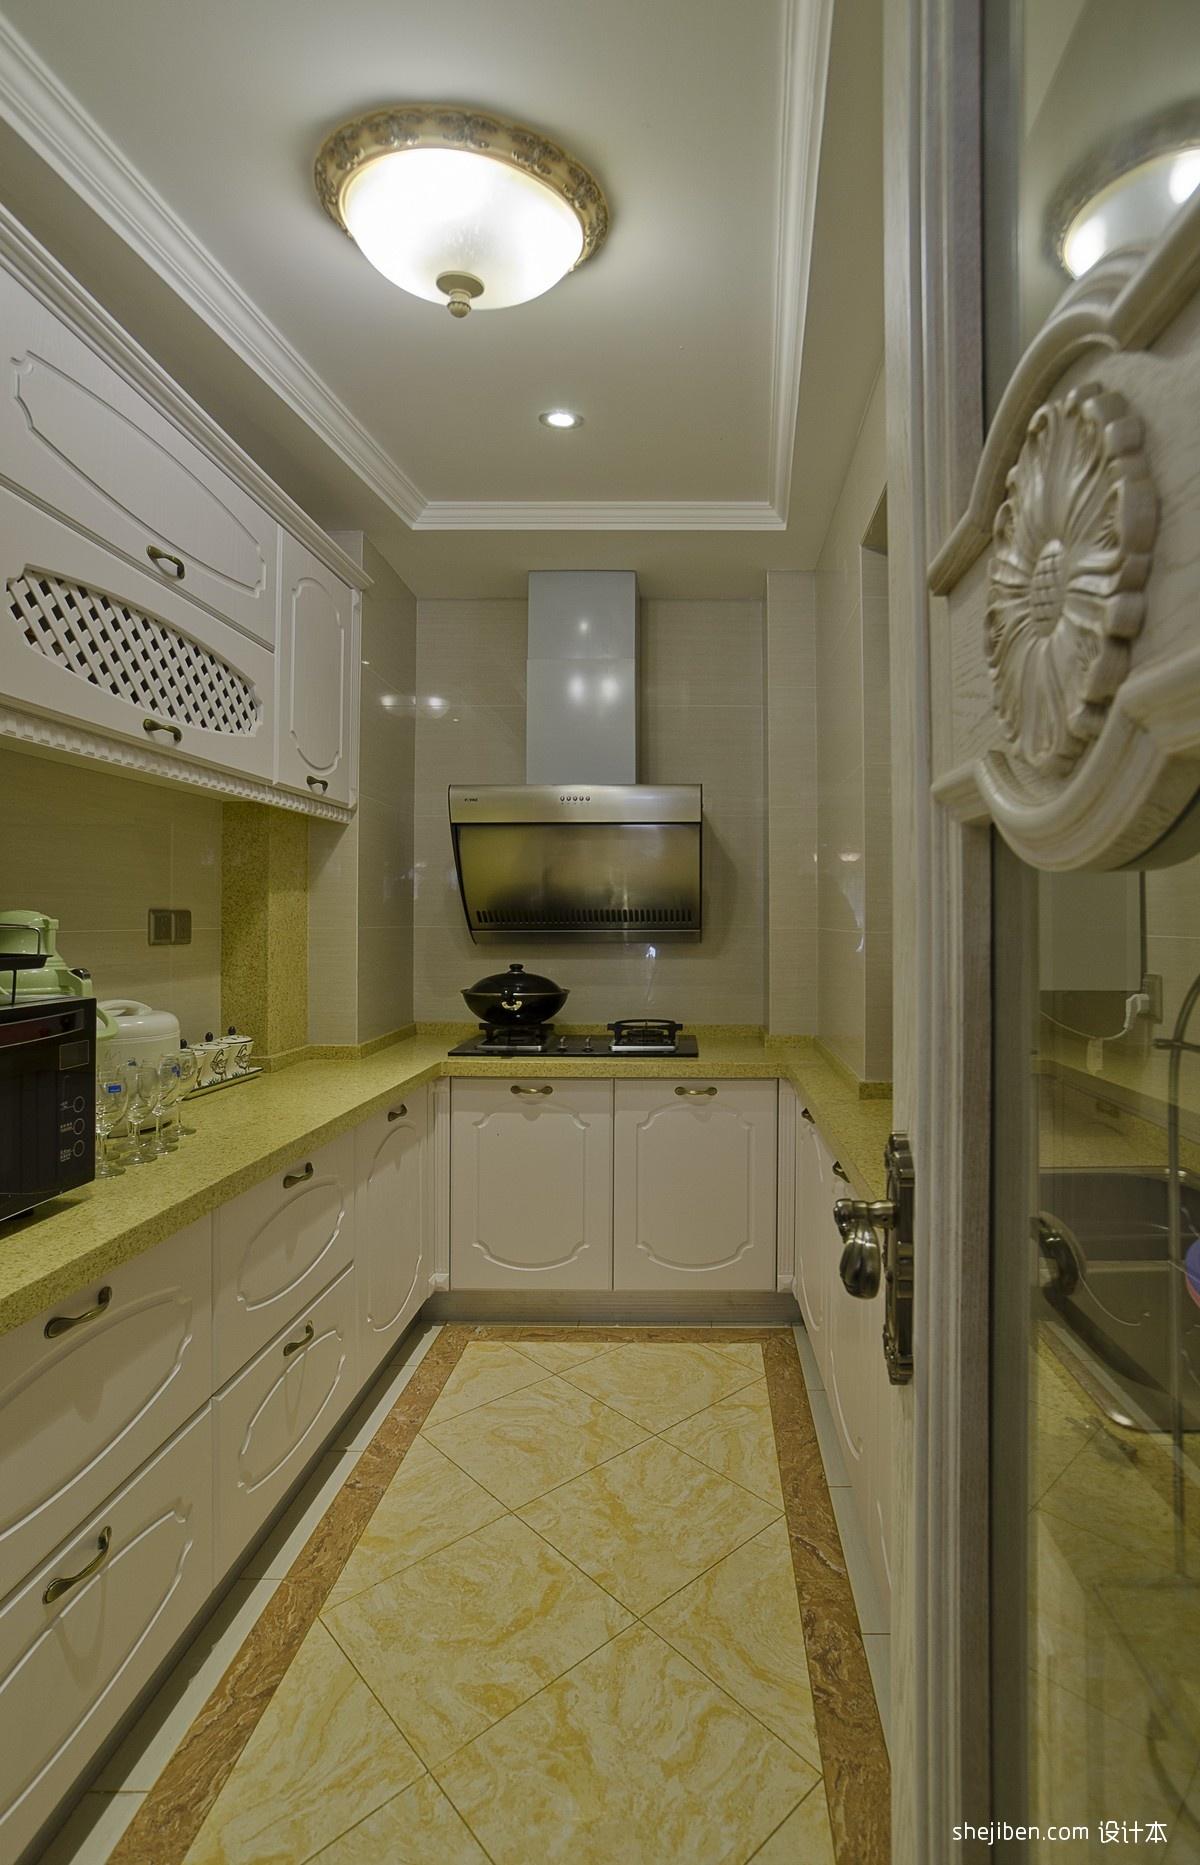 娱乐资讯_2013欧式风格U型封闭式4平米小面积家庭白色橱柜厨房吊顶装修